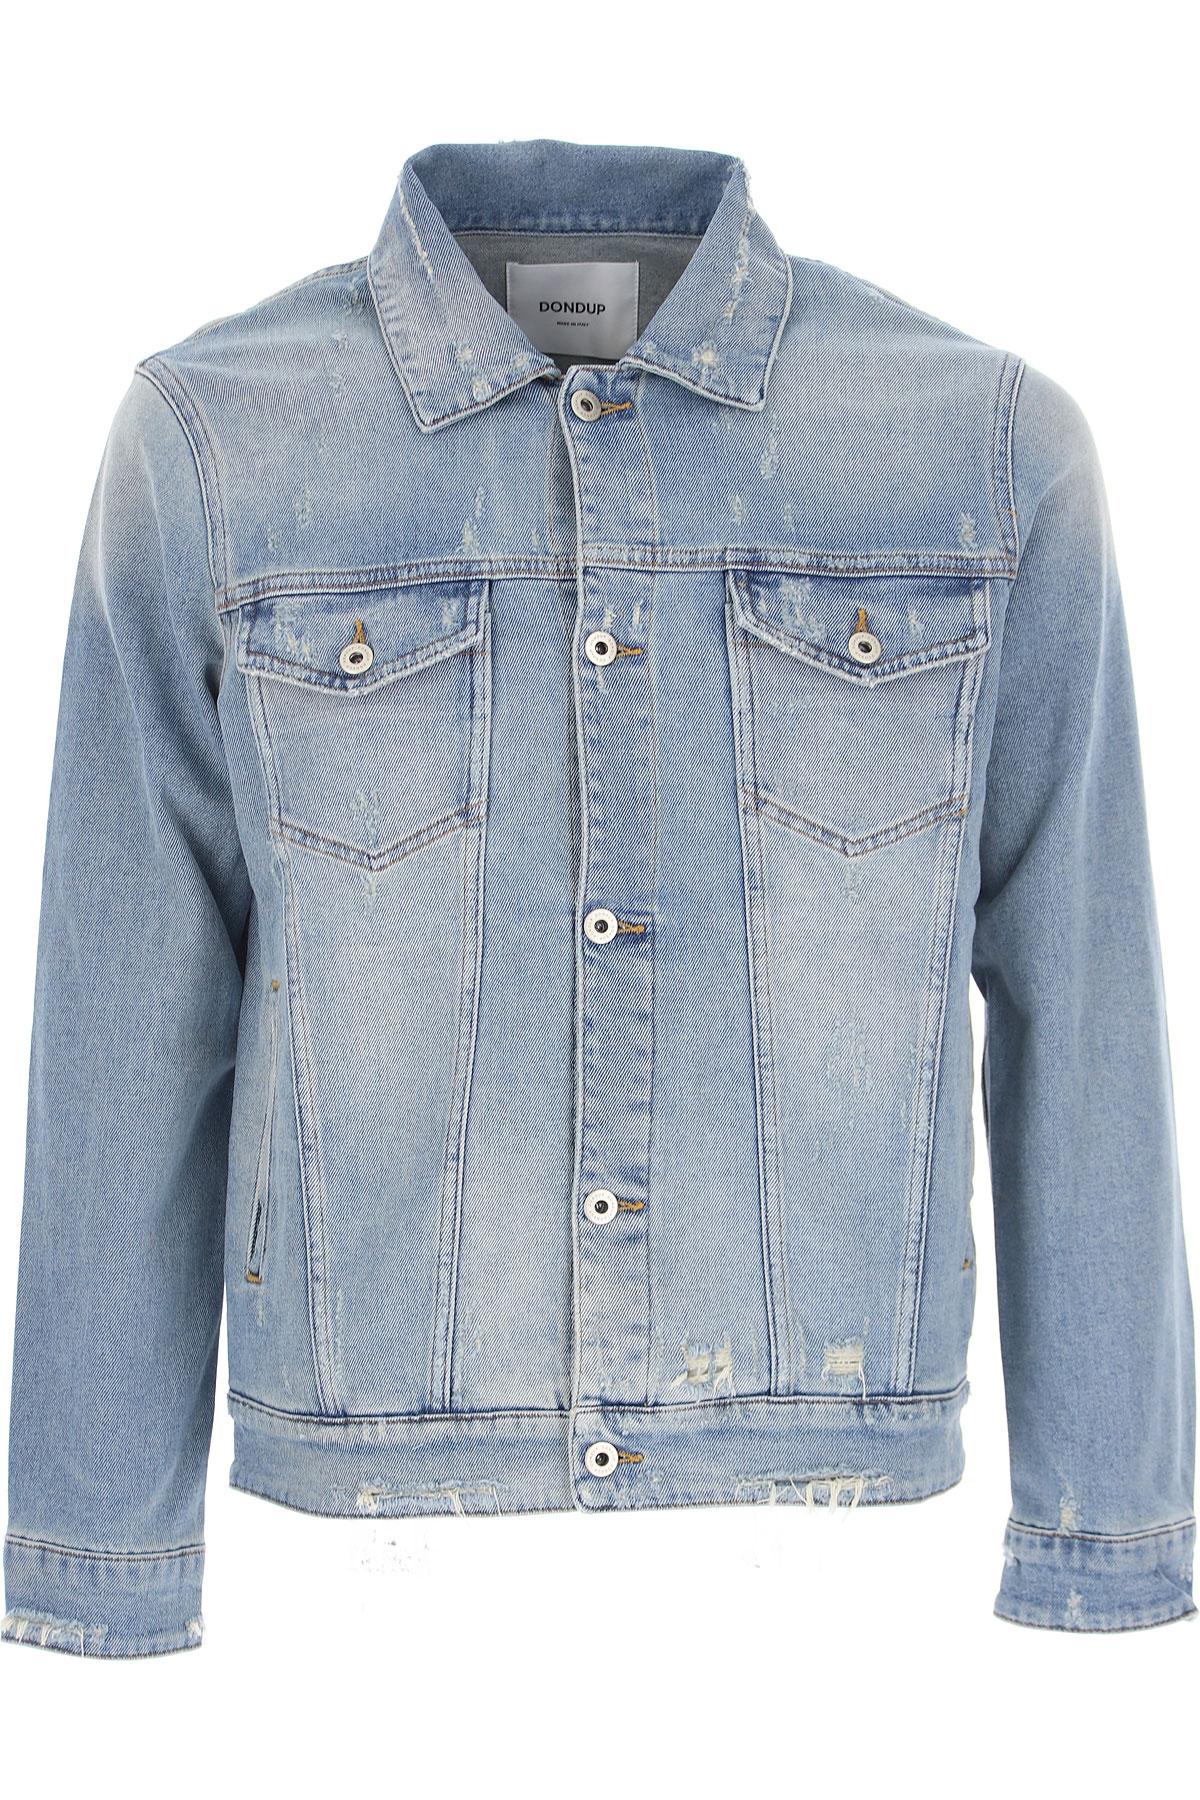 Dondup Jacket for Men On Sale, Cotton, 2019, L M XL